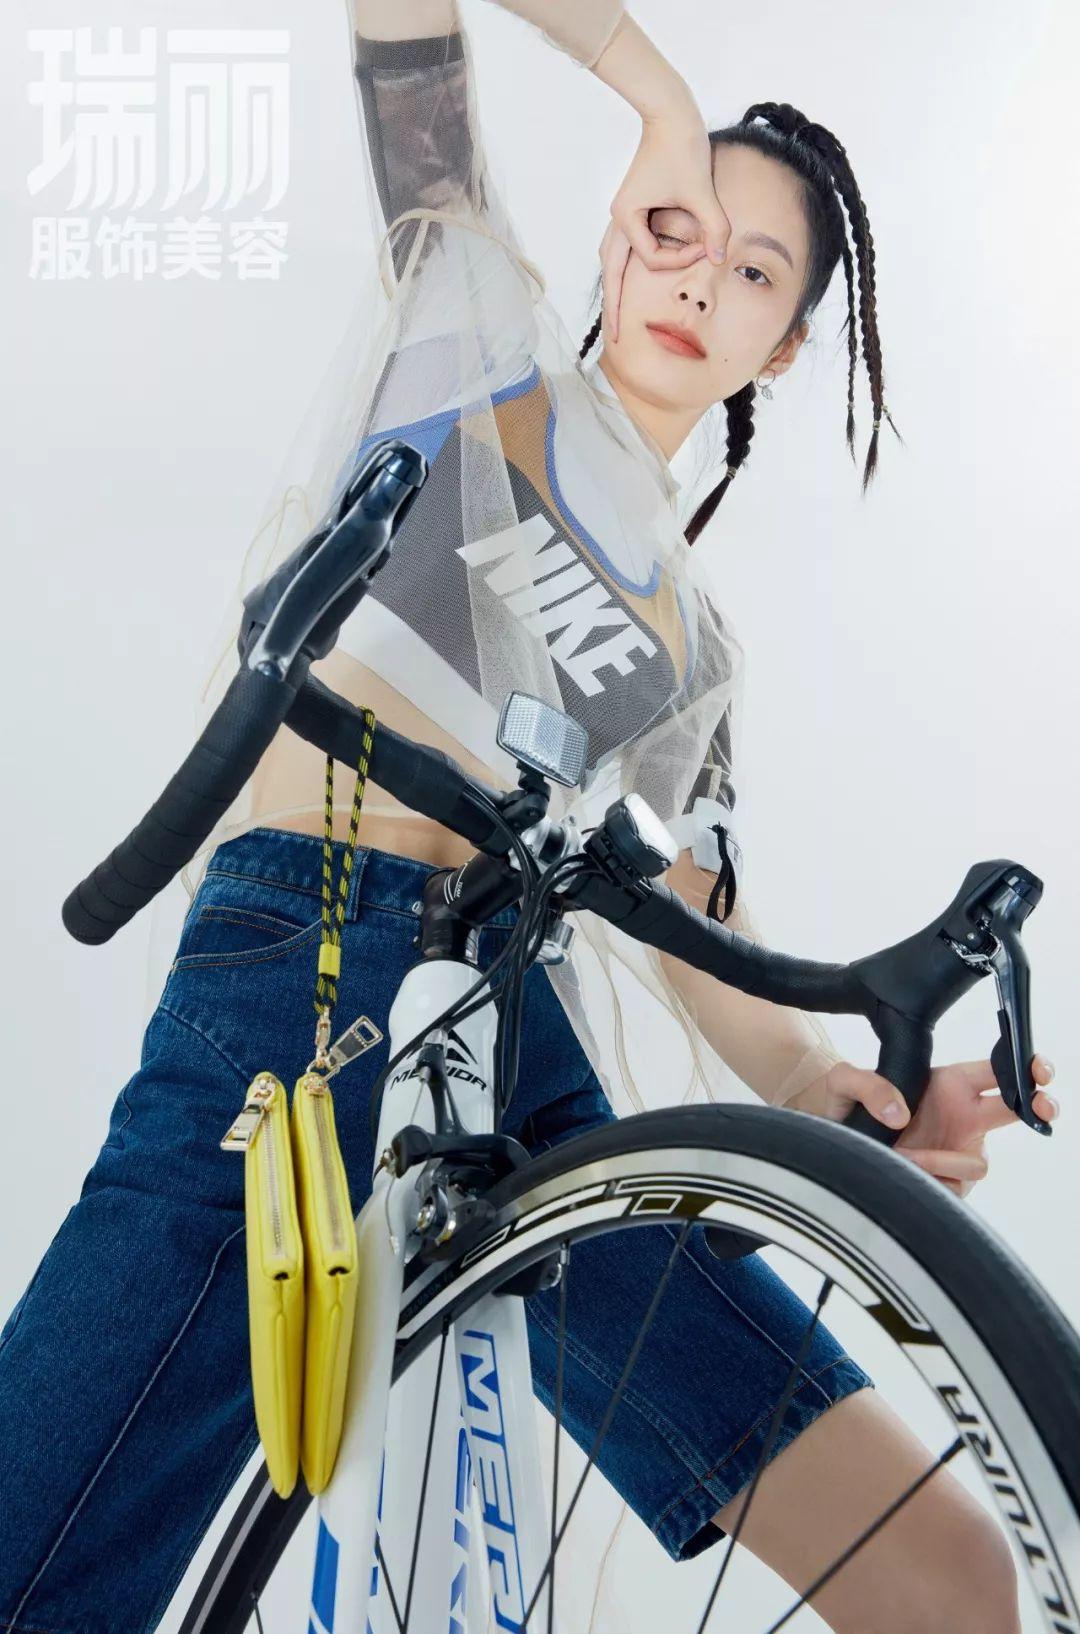 运动内衣  多件叠穿增加支撑强度 骑行时选择的贴身衣物是至关重要的